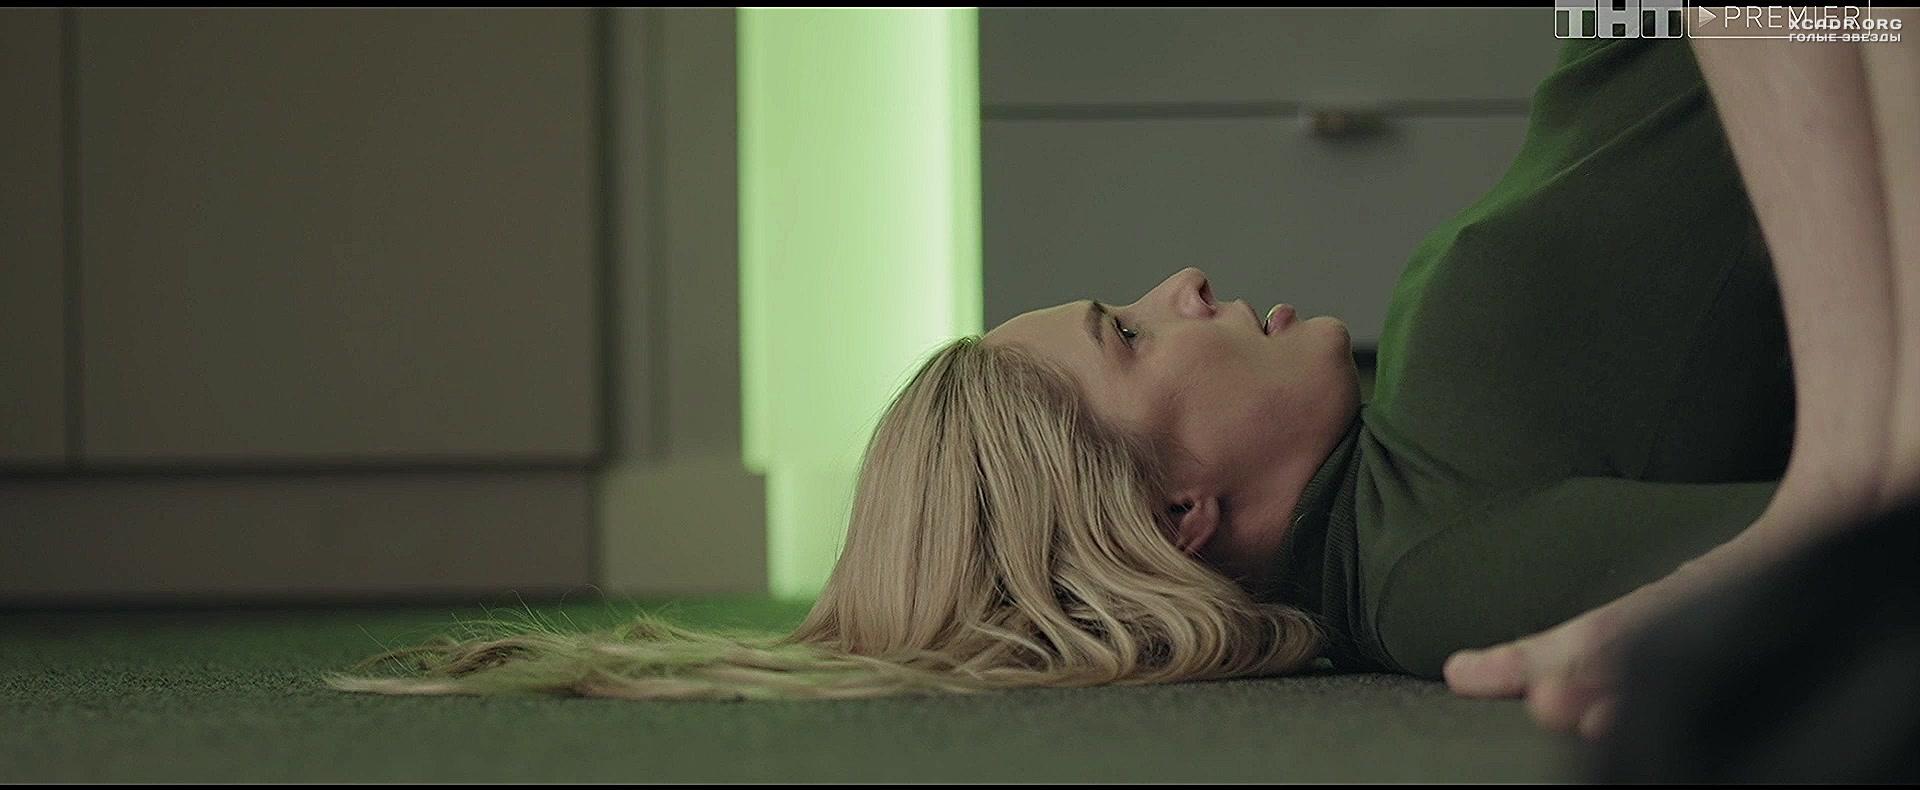 Видео постельных сцен с натальей рудовой, блондинка обнажается перед камерой